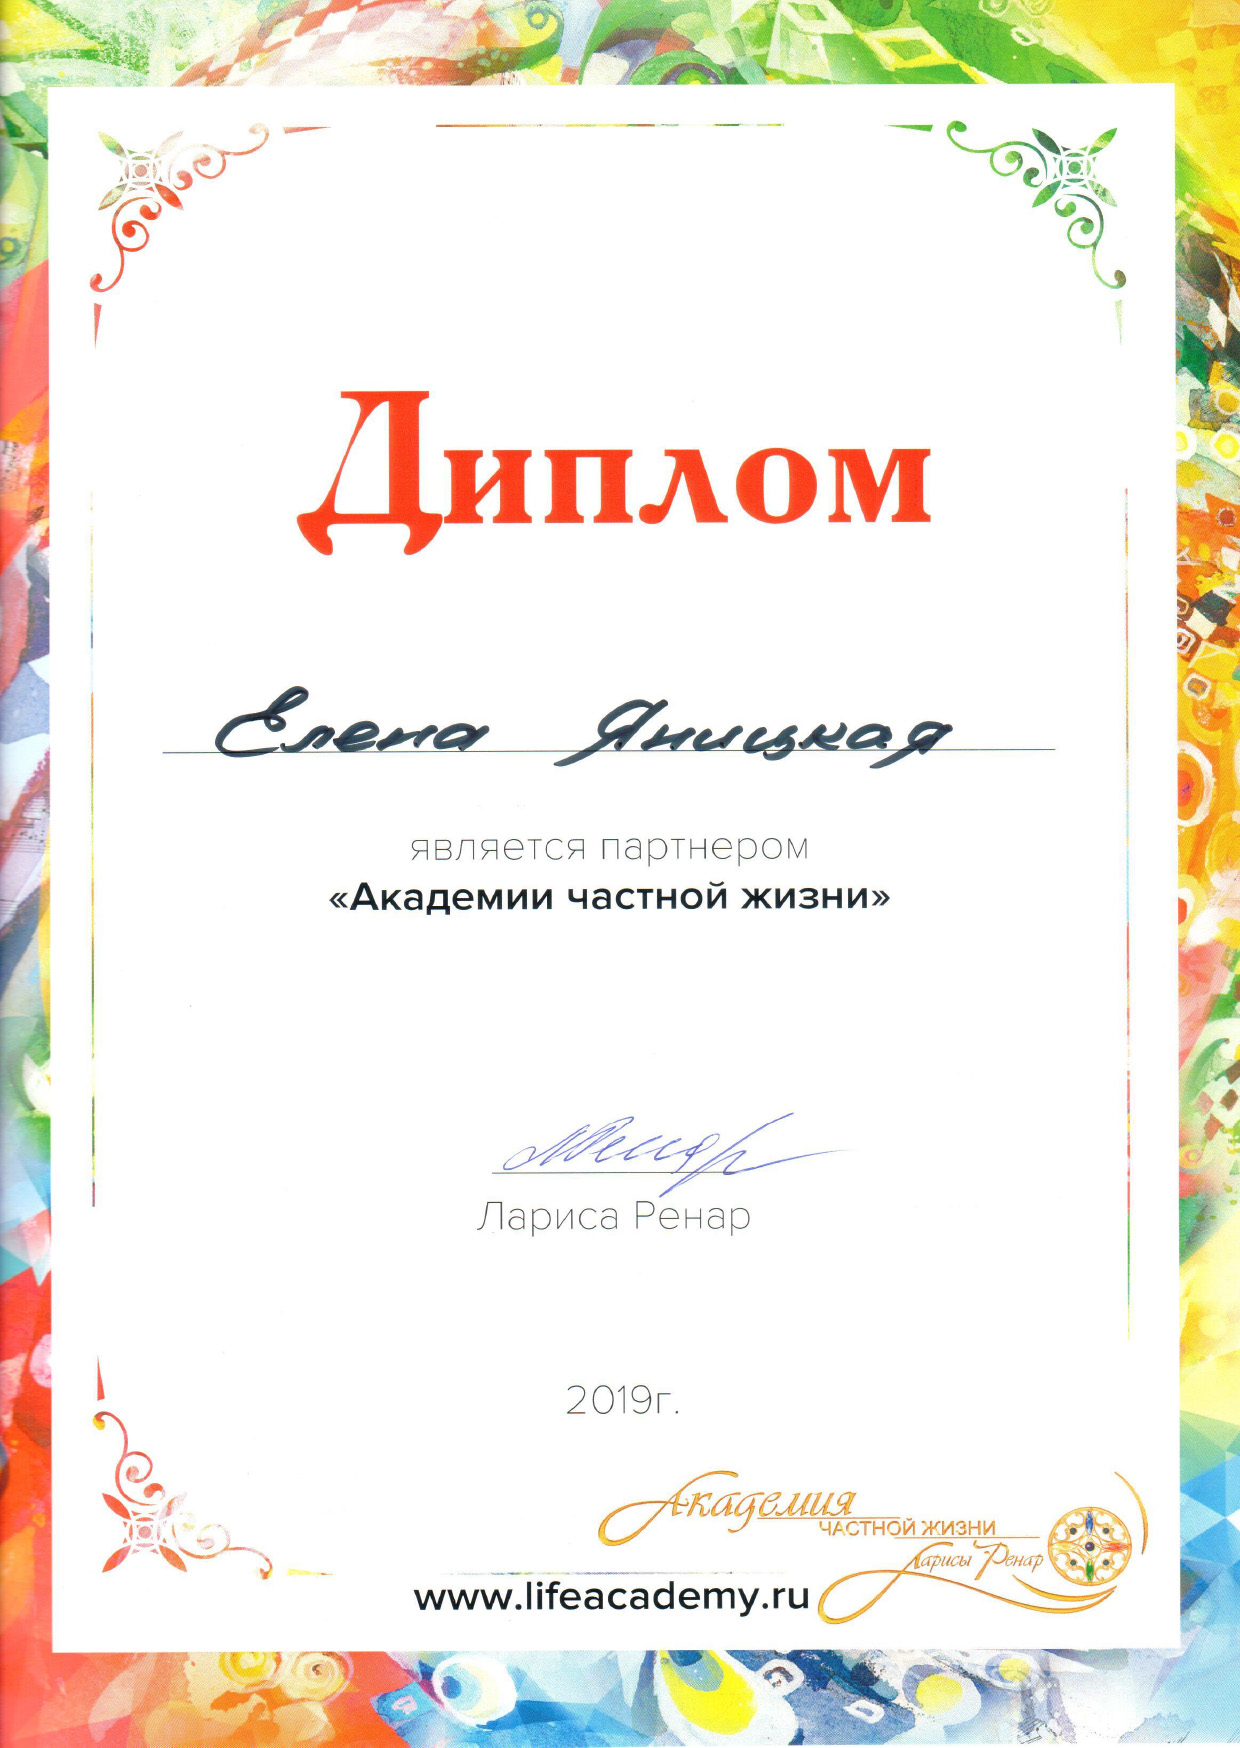 Елена Яницкая